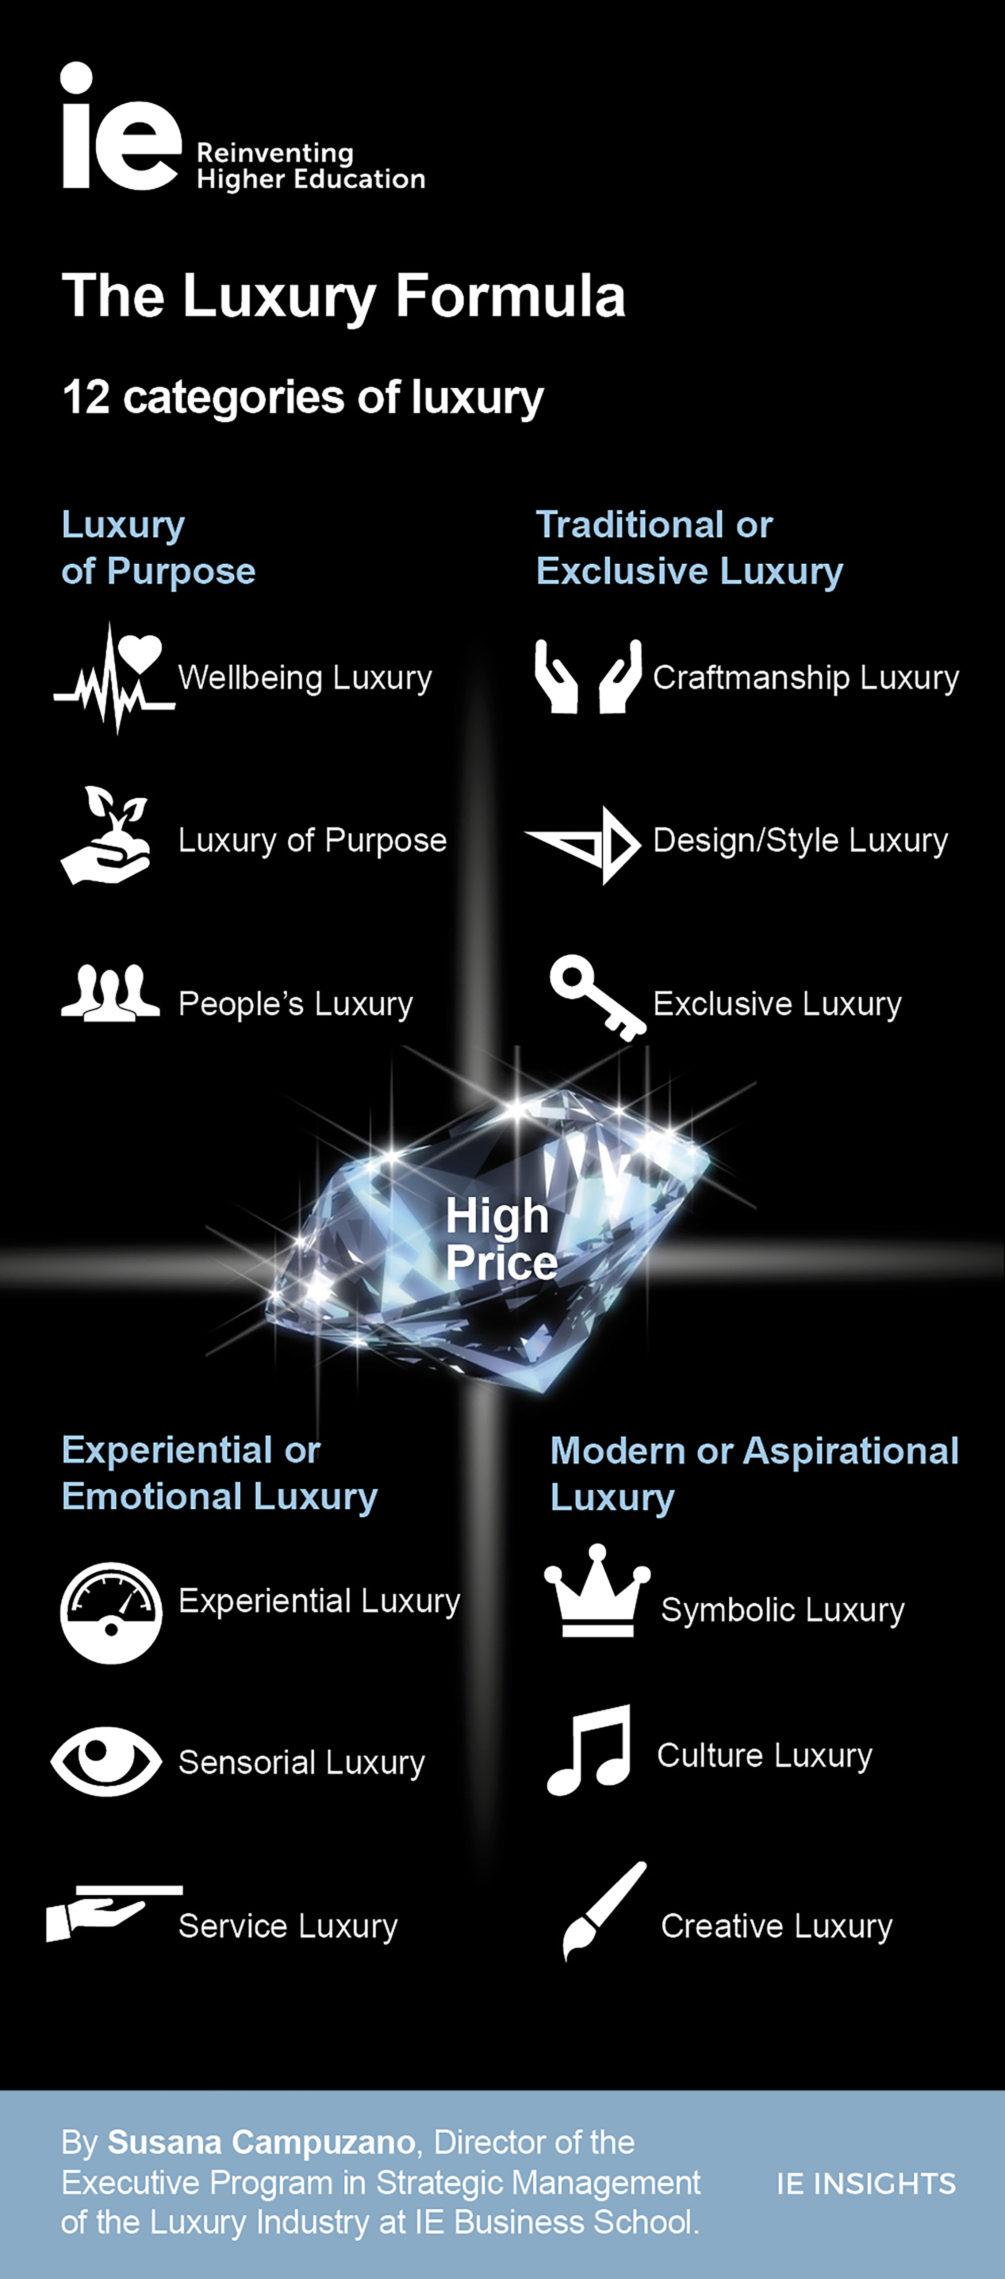 The Luxury Formula